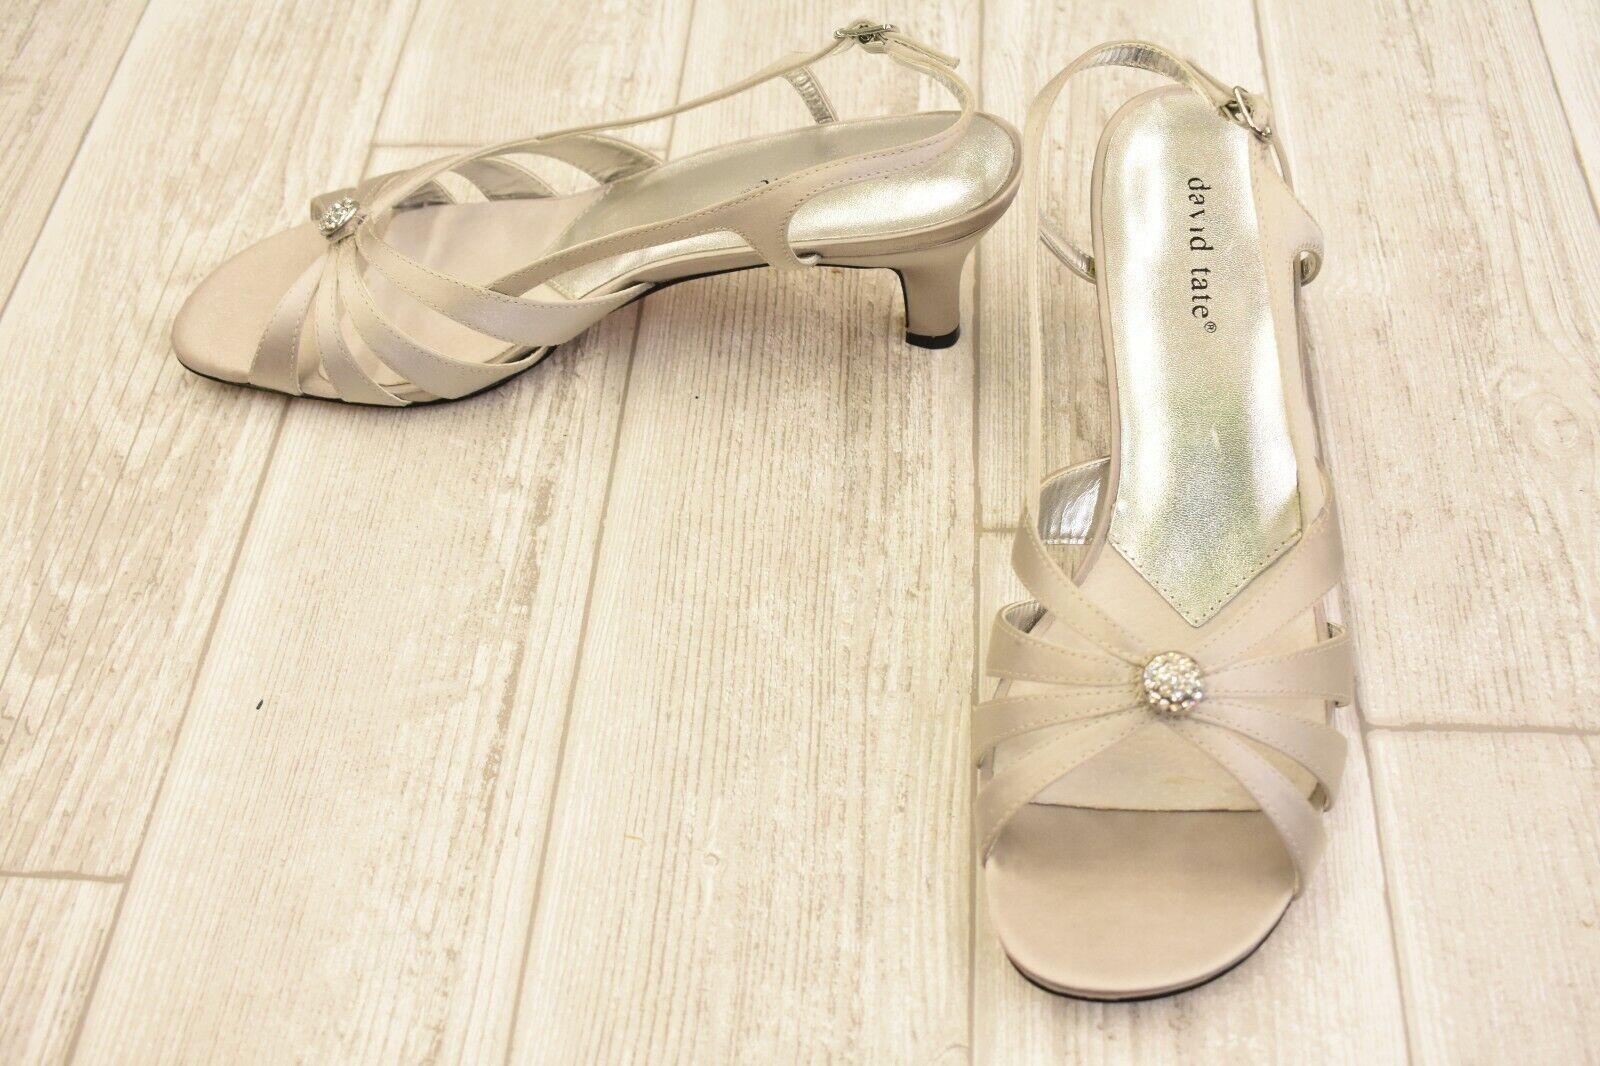 David Tate pinktte Satin Satin Satin Dress Sandals, Women's Size 10M, Silver f606f3